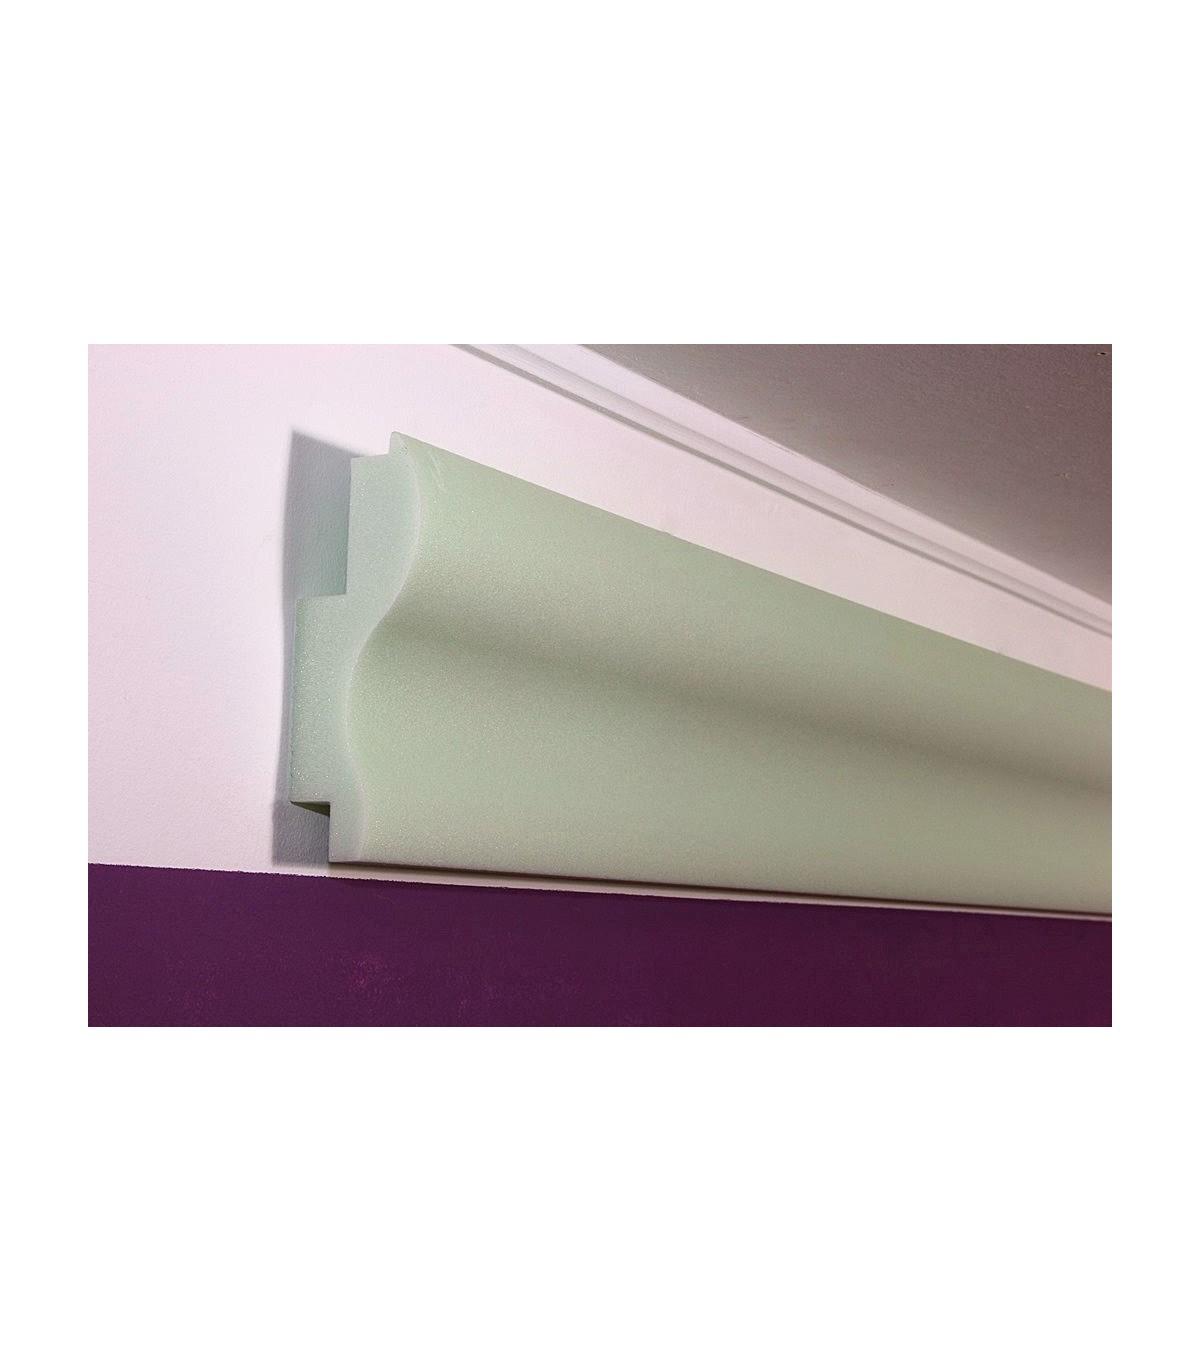 led stuckprofil wdkl 65a st f r indirekte beleuchtung der wand bendu. Black Bedroom Furniture Sets. Home Design Ideas